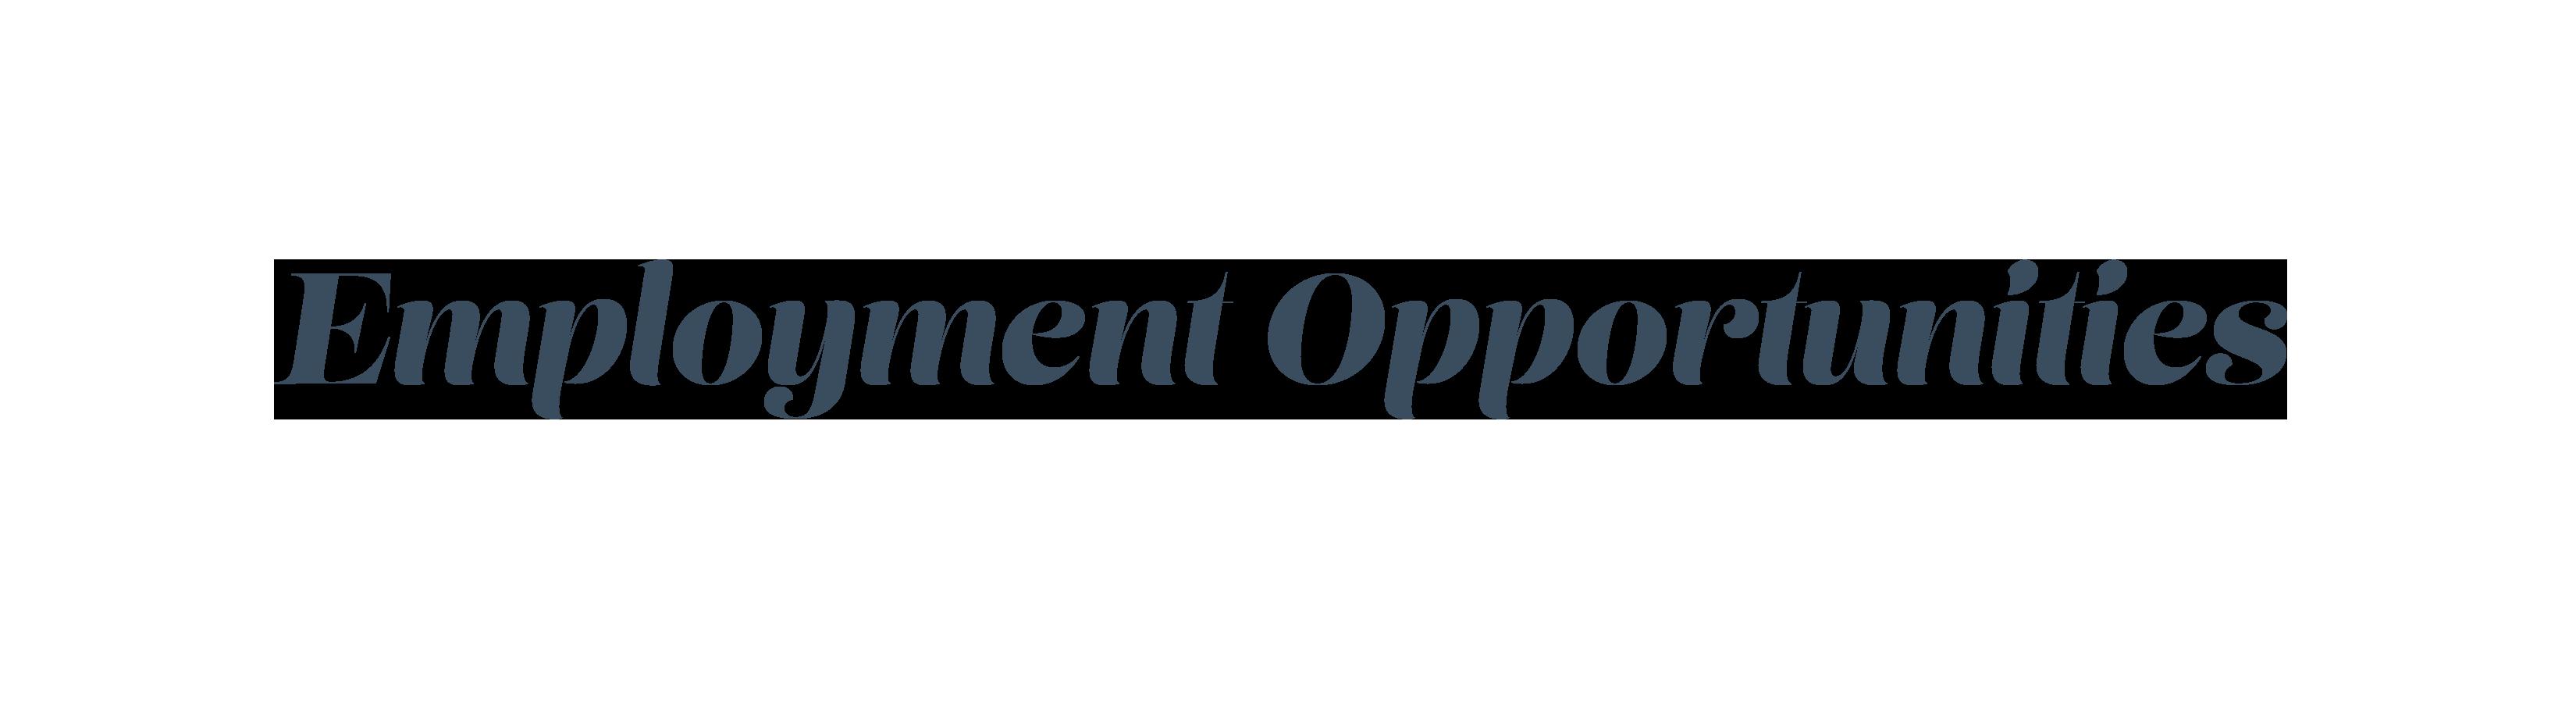 employmentopportunities